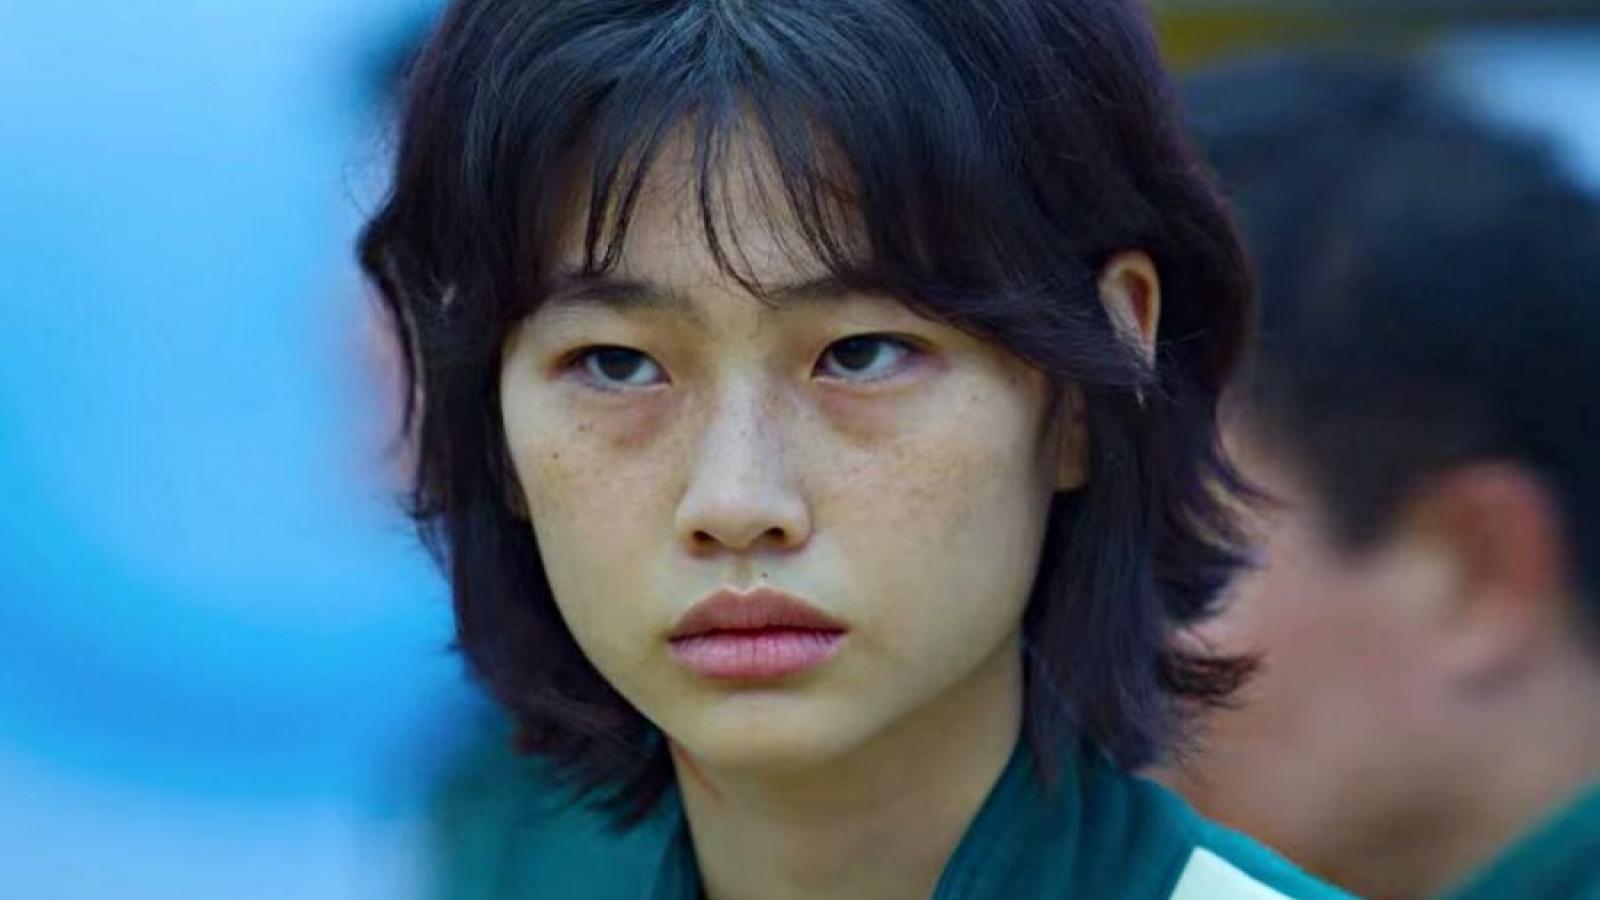 """Sao phim """"Squid game"""" vượt Song Hye Kyo, cán mốc 12,6 triệu người theo dõi trên Instagram"""